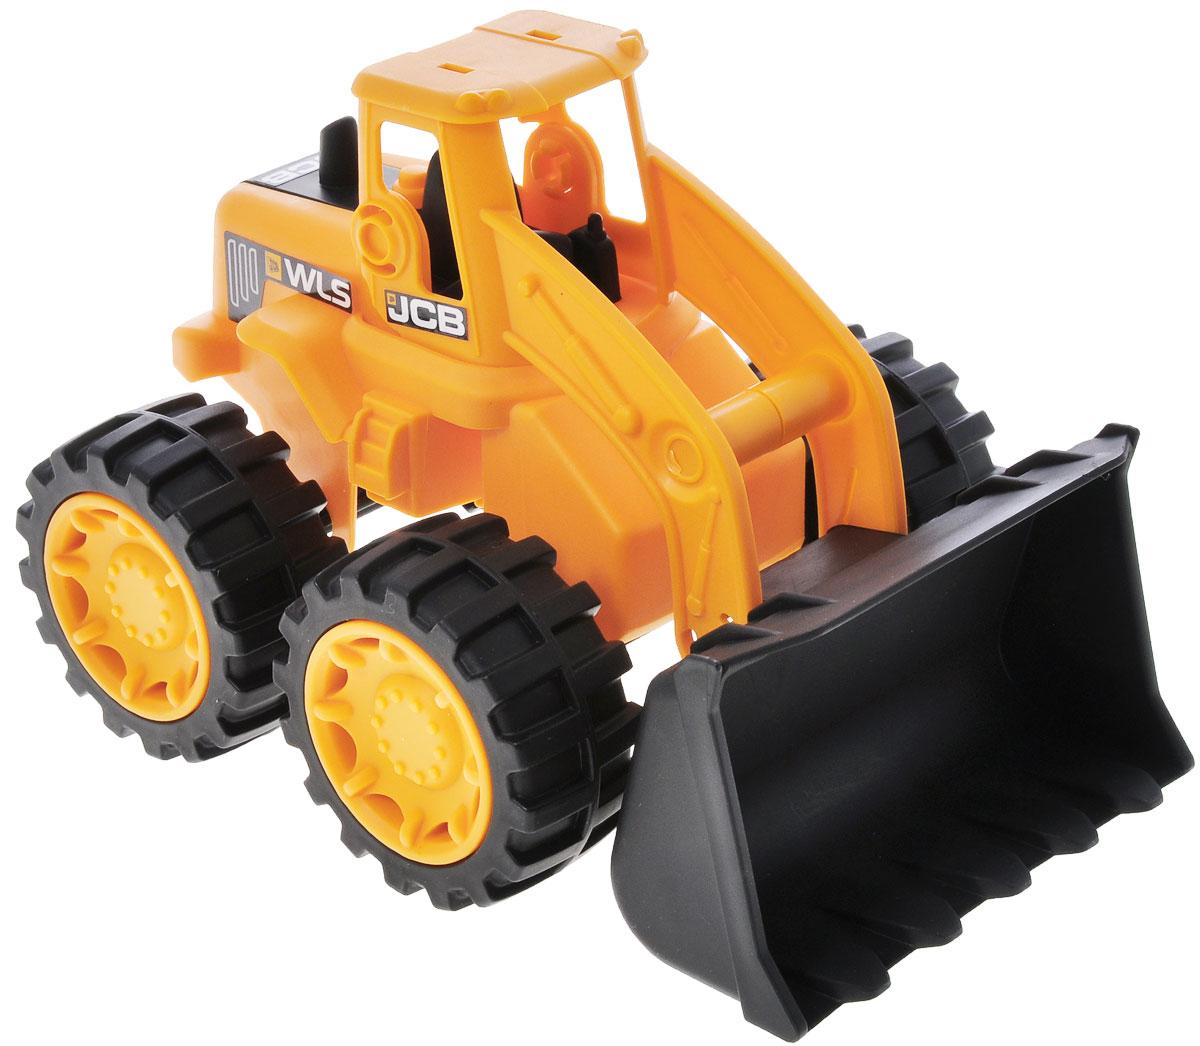 HTI Мини-бульдозер JCB машинки hti паровозик roadsterz синий с вагоном звуковыми и световыми эффектами